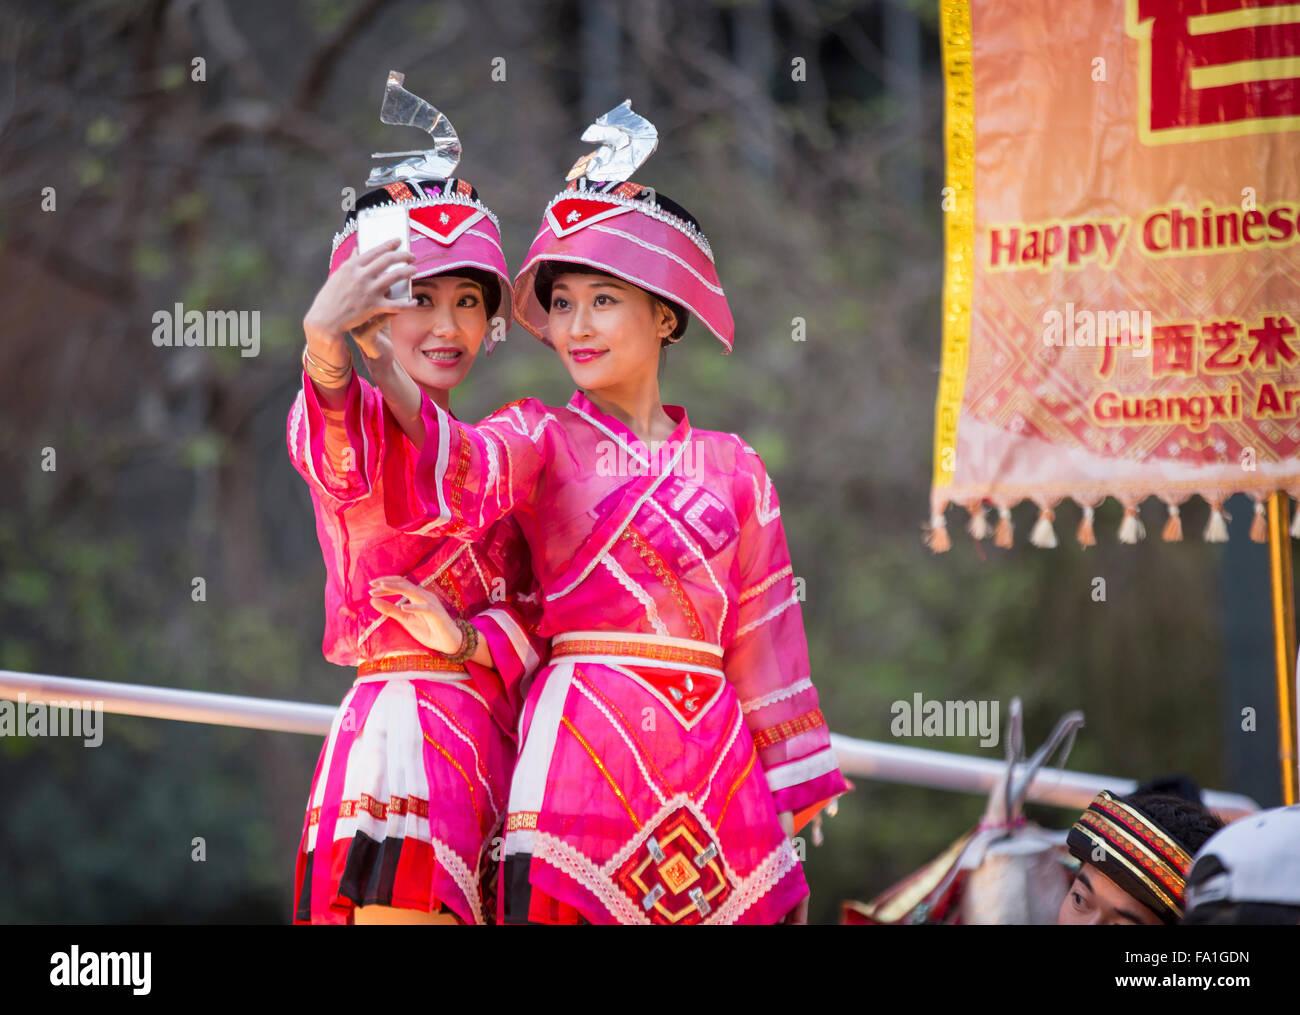 Chinesische Frauen in bunten Kostümen unter ein Selbstporträt auf Float an San Francisco Chinesische Neujahrsparade Stockbild